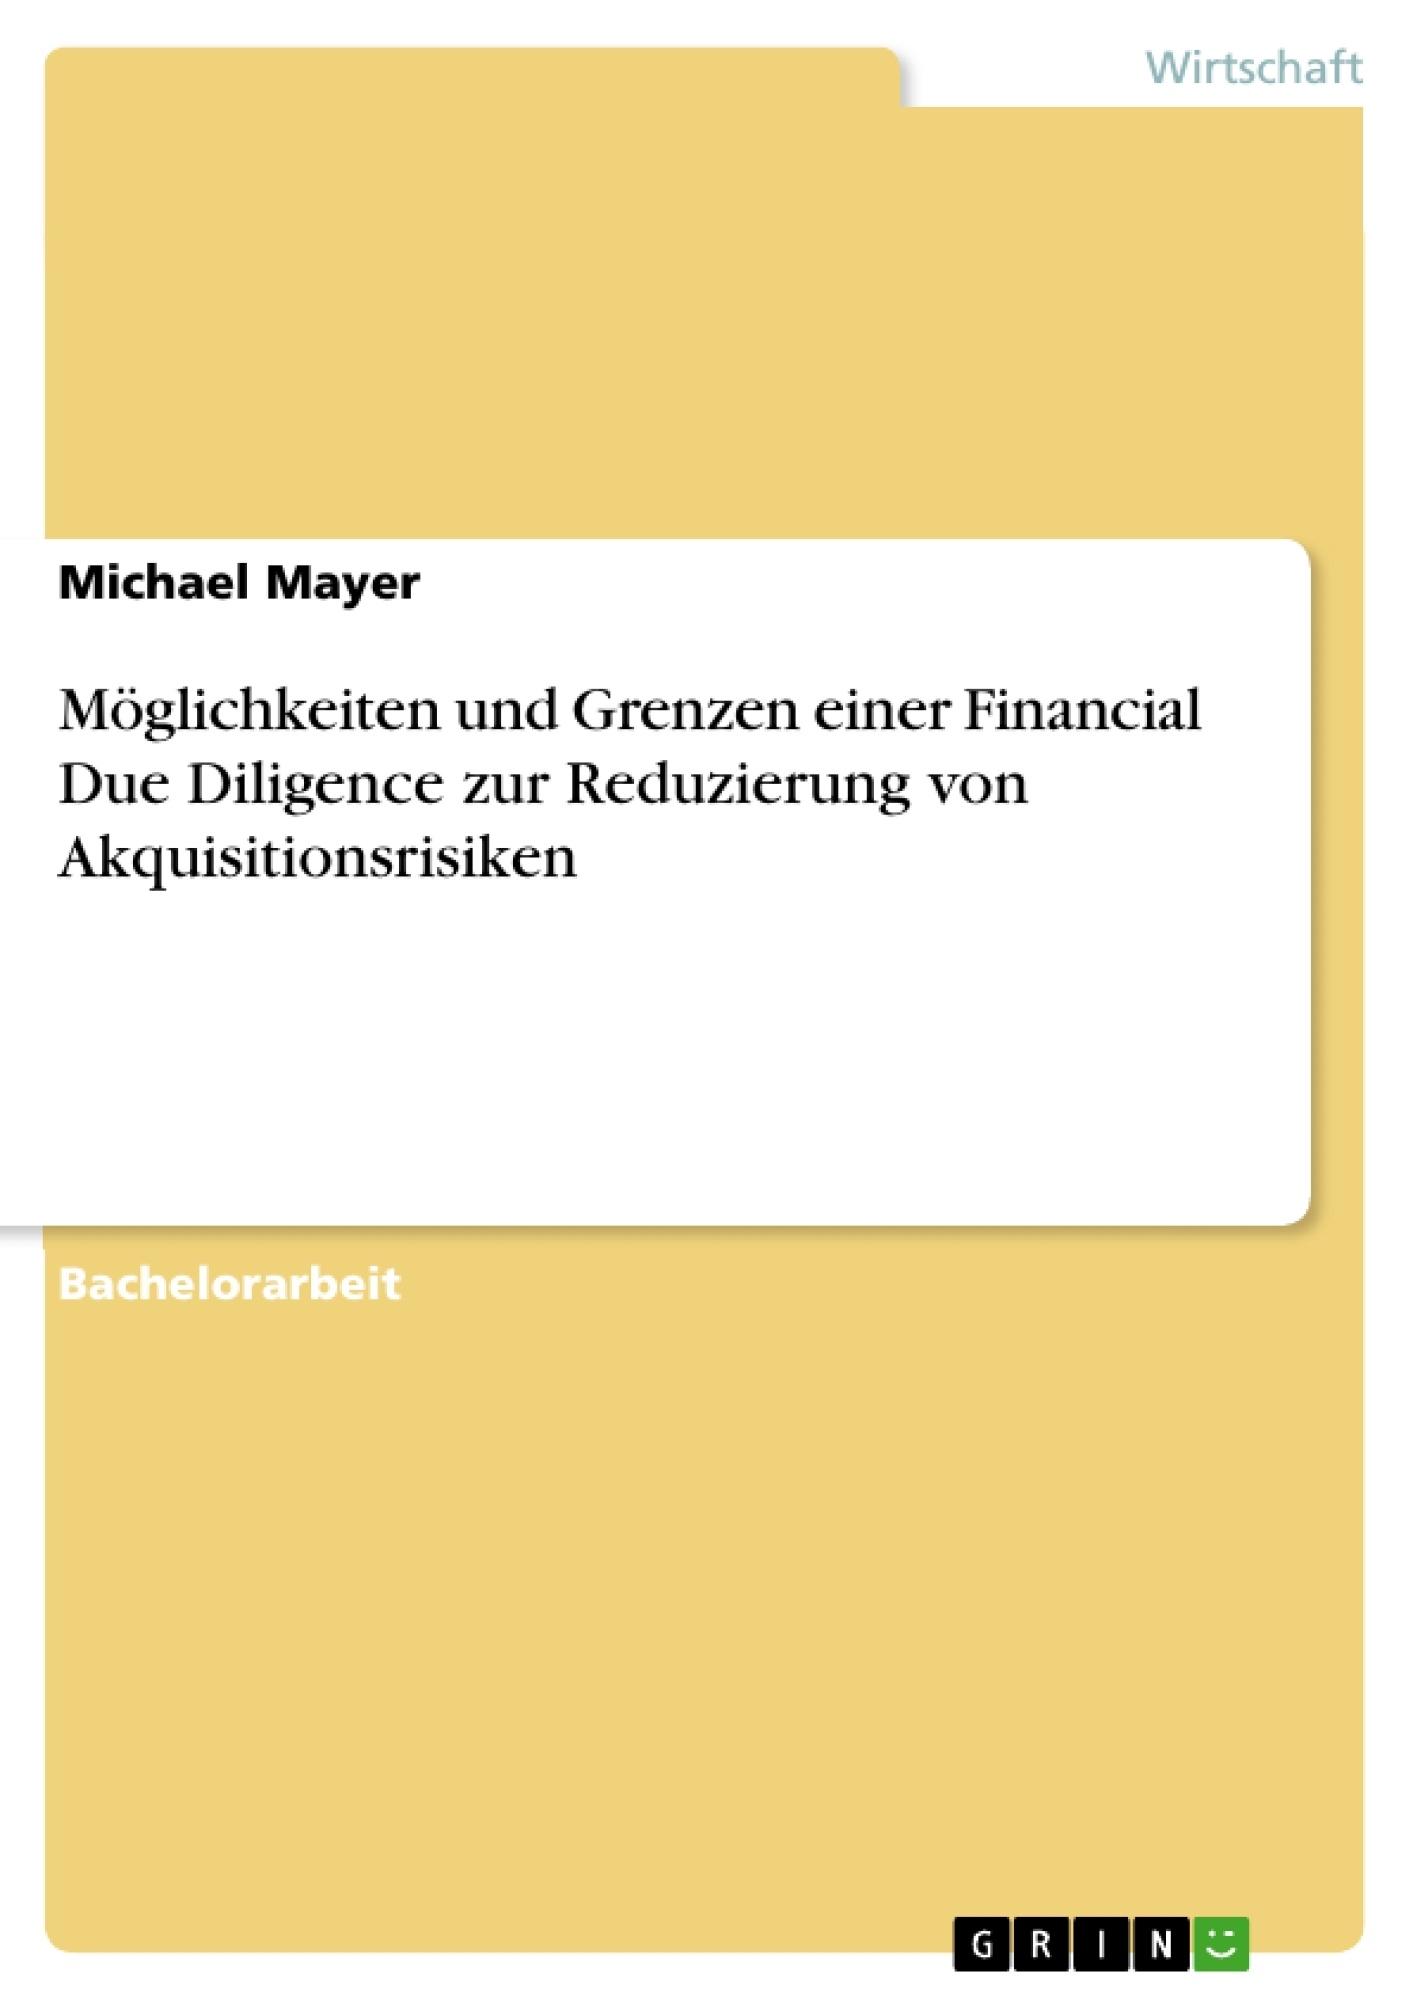 Titel: Möglichkeiten und Grenzen einer Financial Due Diligence zur Reduzierung von Akquisitionsrisiken